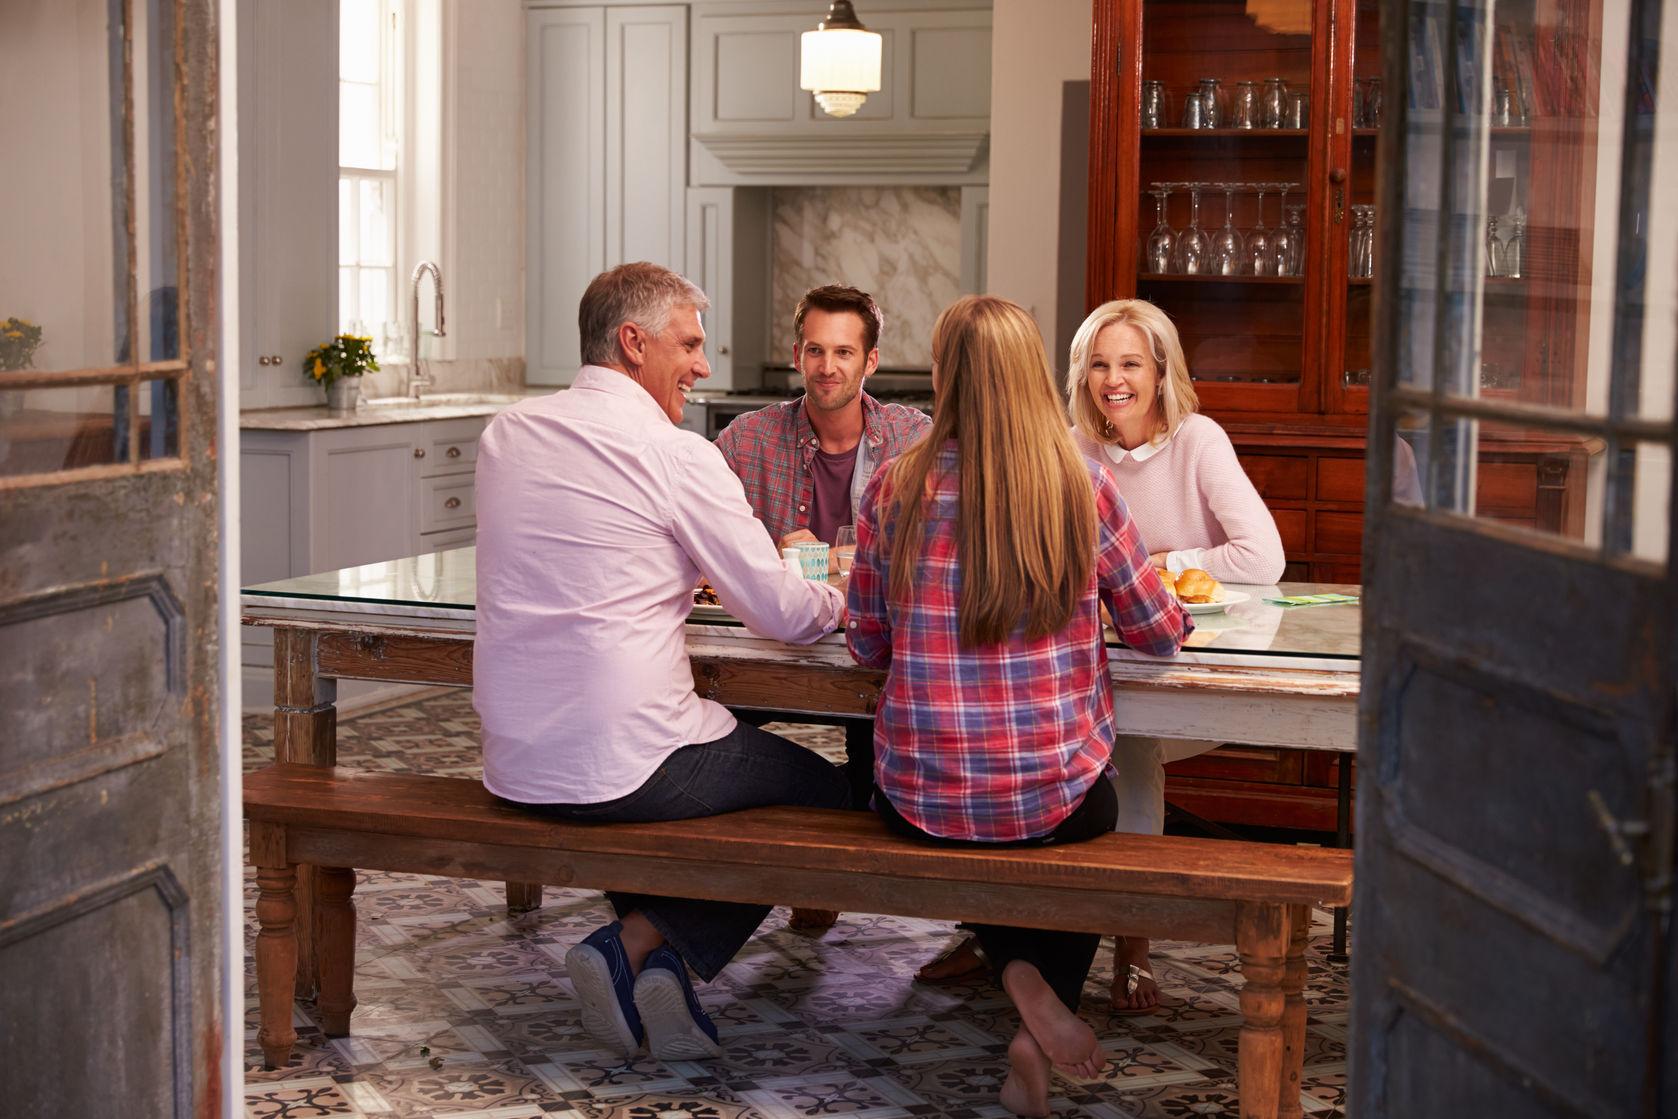 ERLA Mietwohnung mit glücklicher Familie